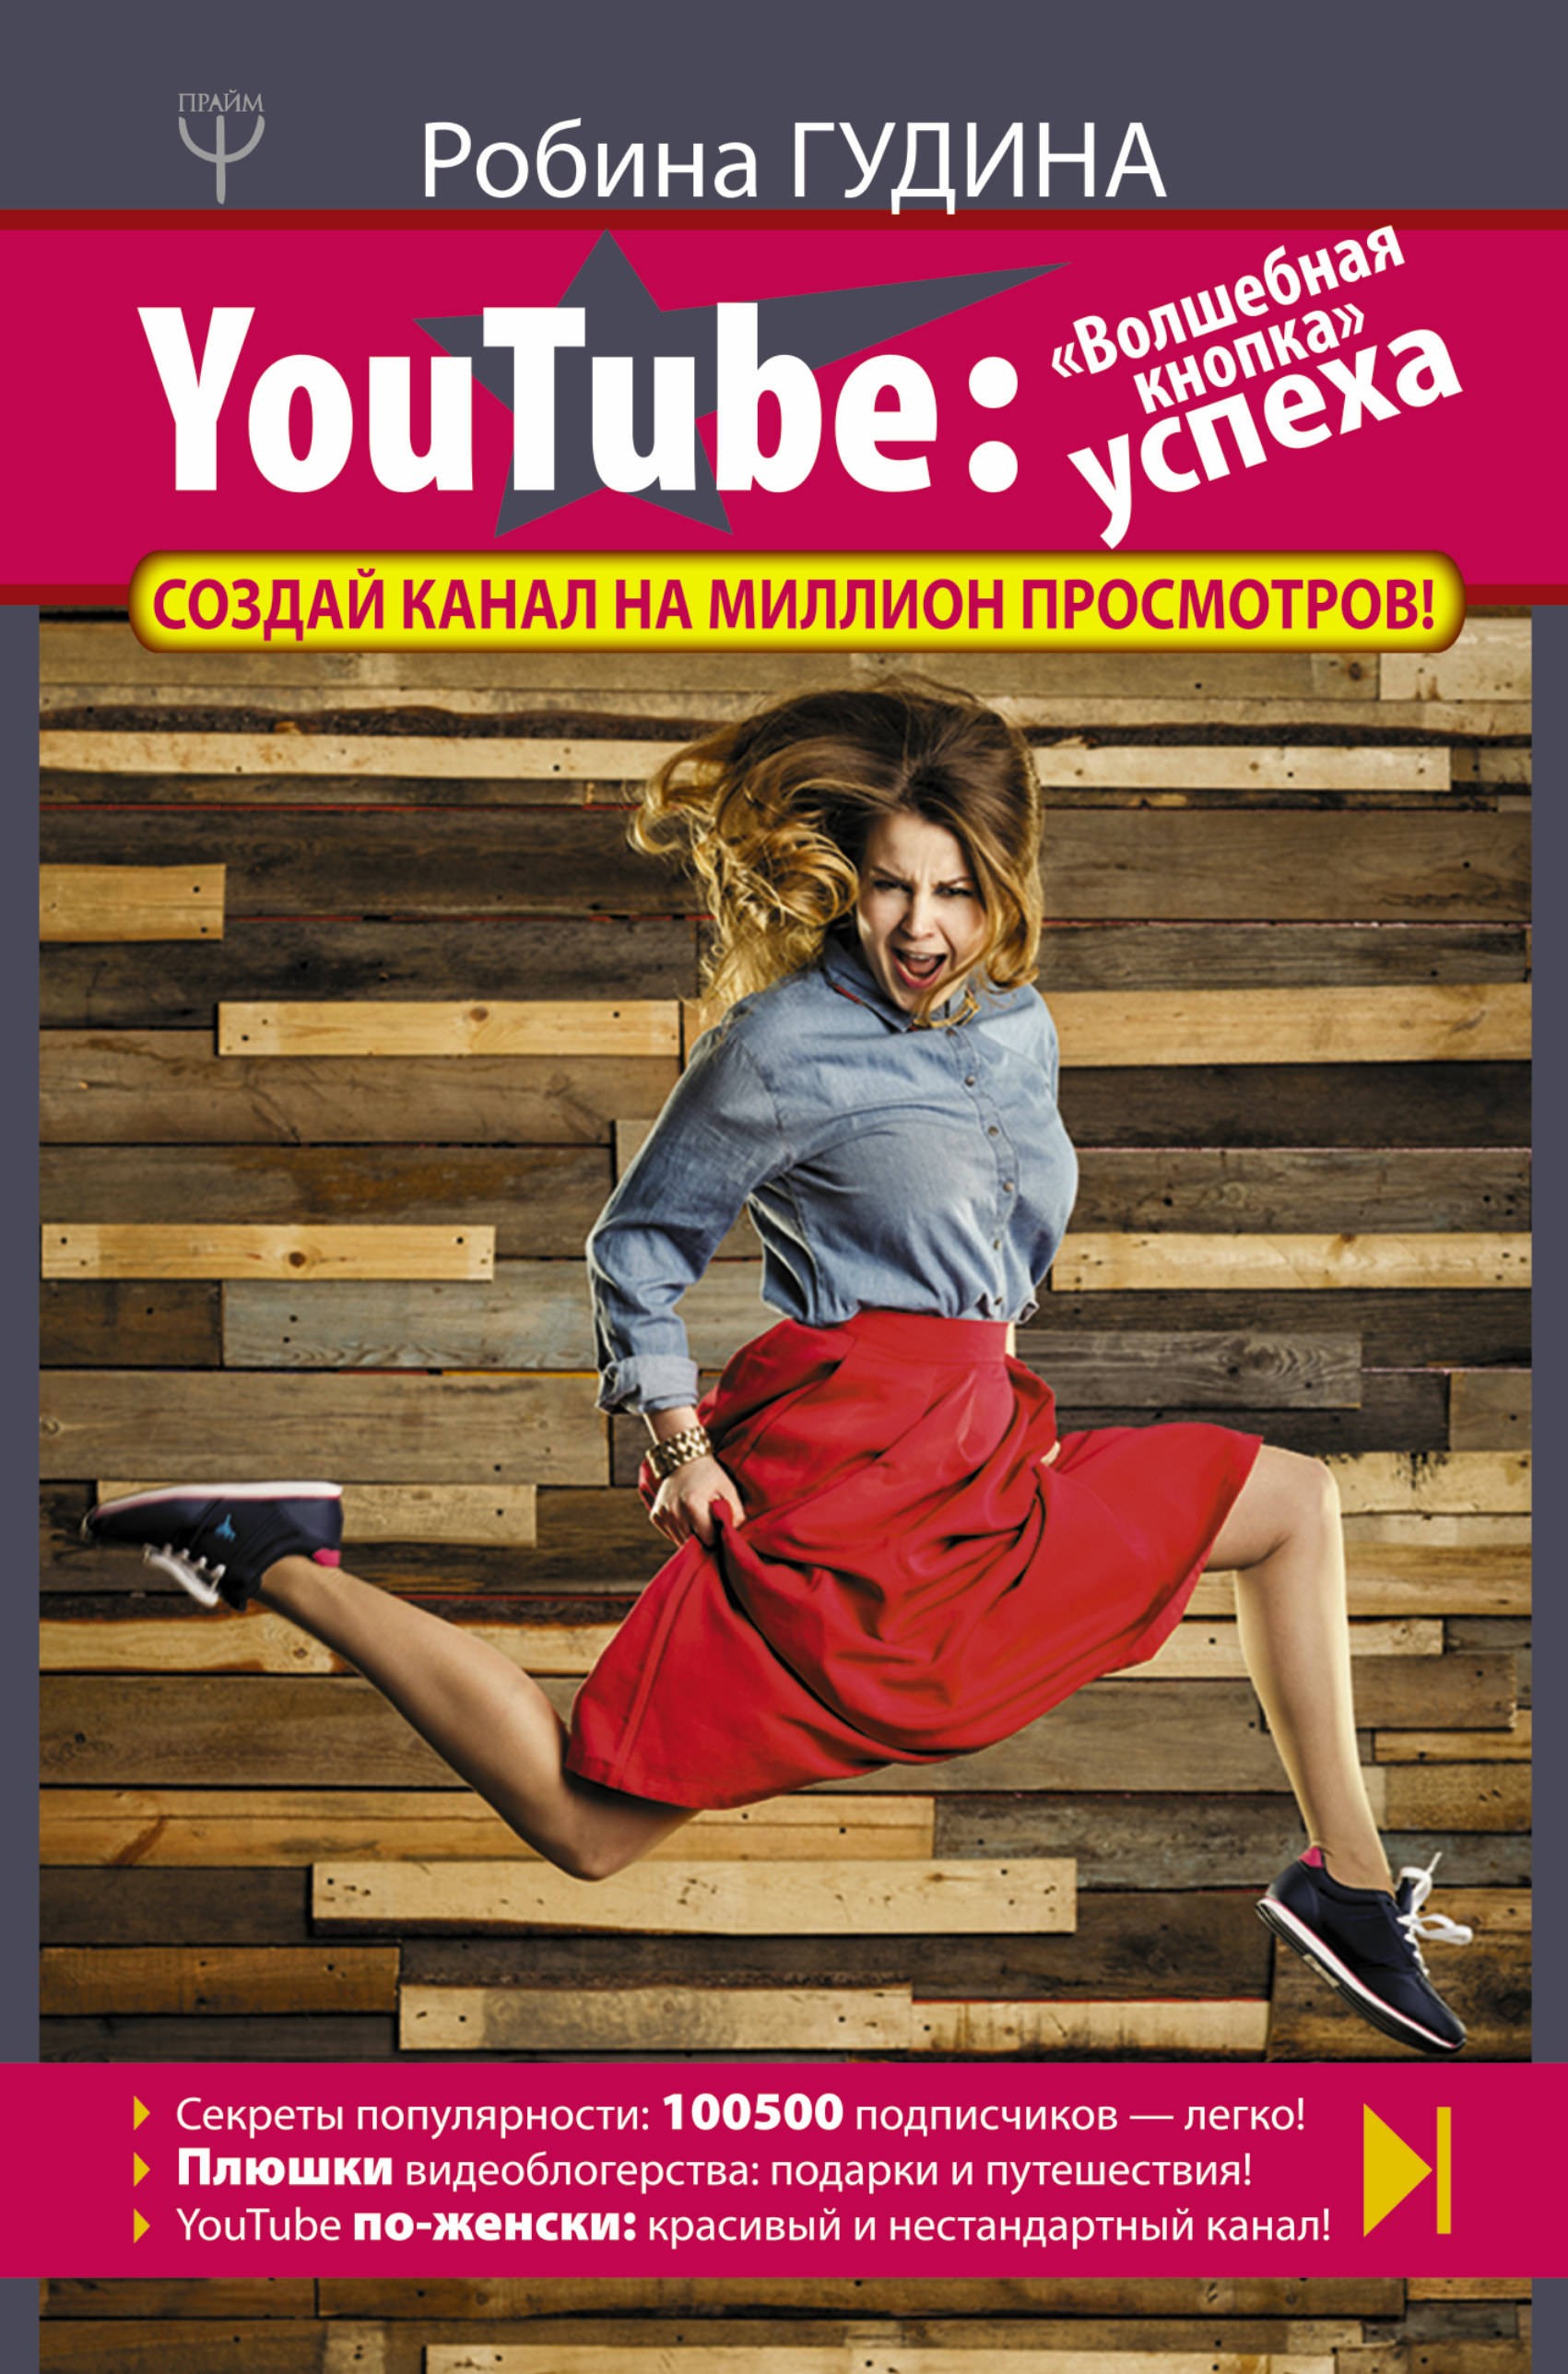 Робина Гудина YouTube: «Волшебная кнопка» успеха. Создай канал на миллион просмотров! тажетдинов т мрочковский н парабеллум а как стать первым на youtube секреты взрывной раскрутки